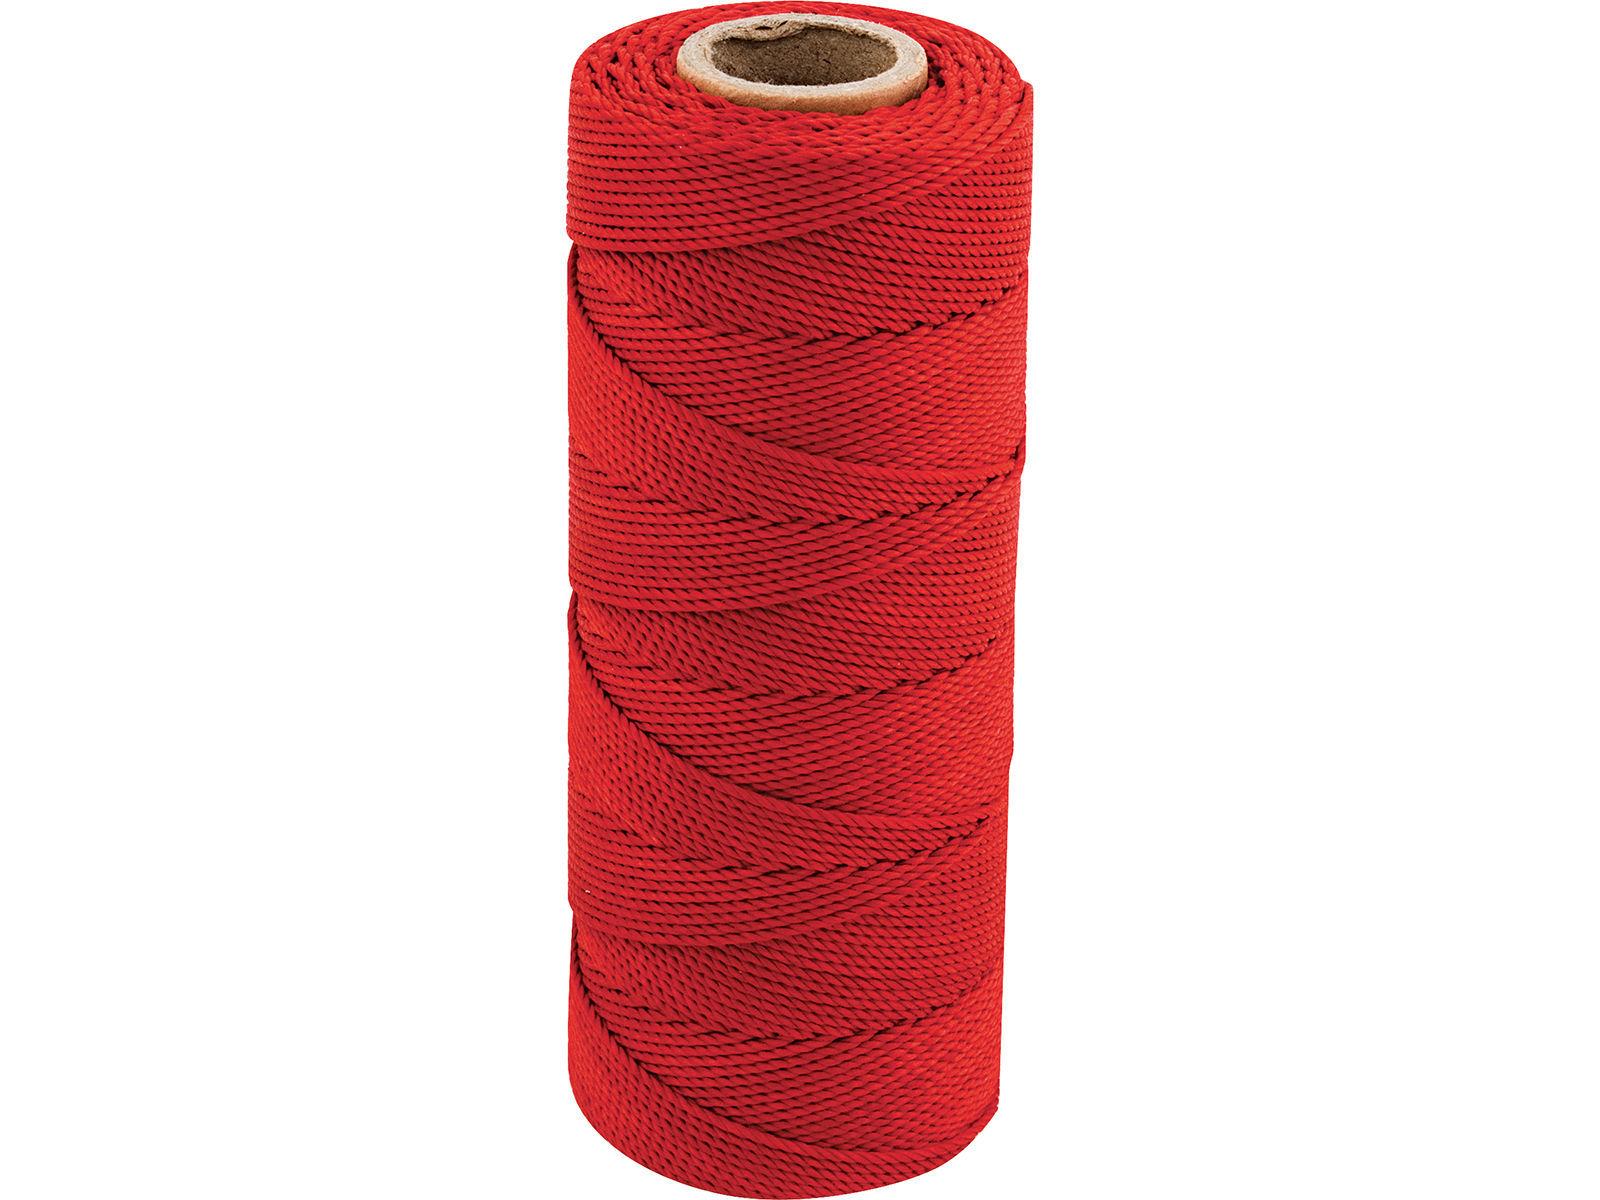 Bilde av Murerloddsnor polyester rød 1.5mm 120m